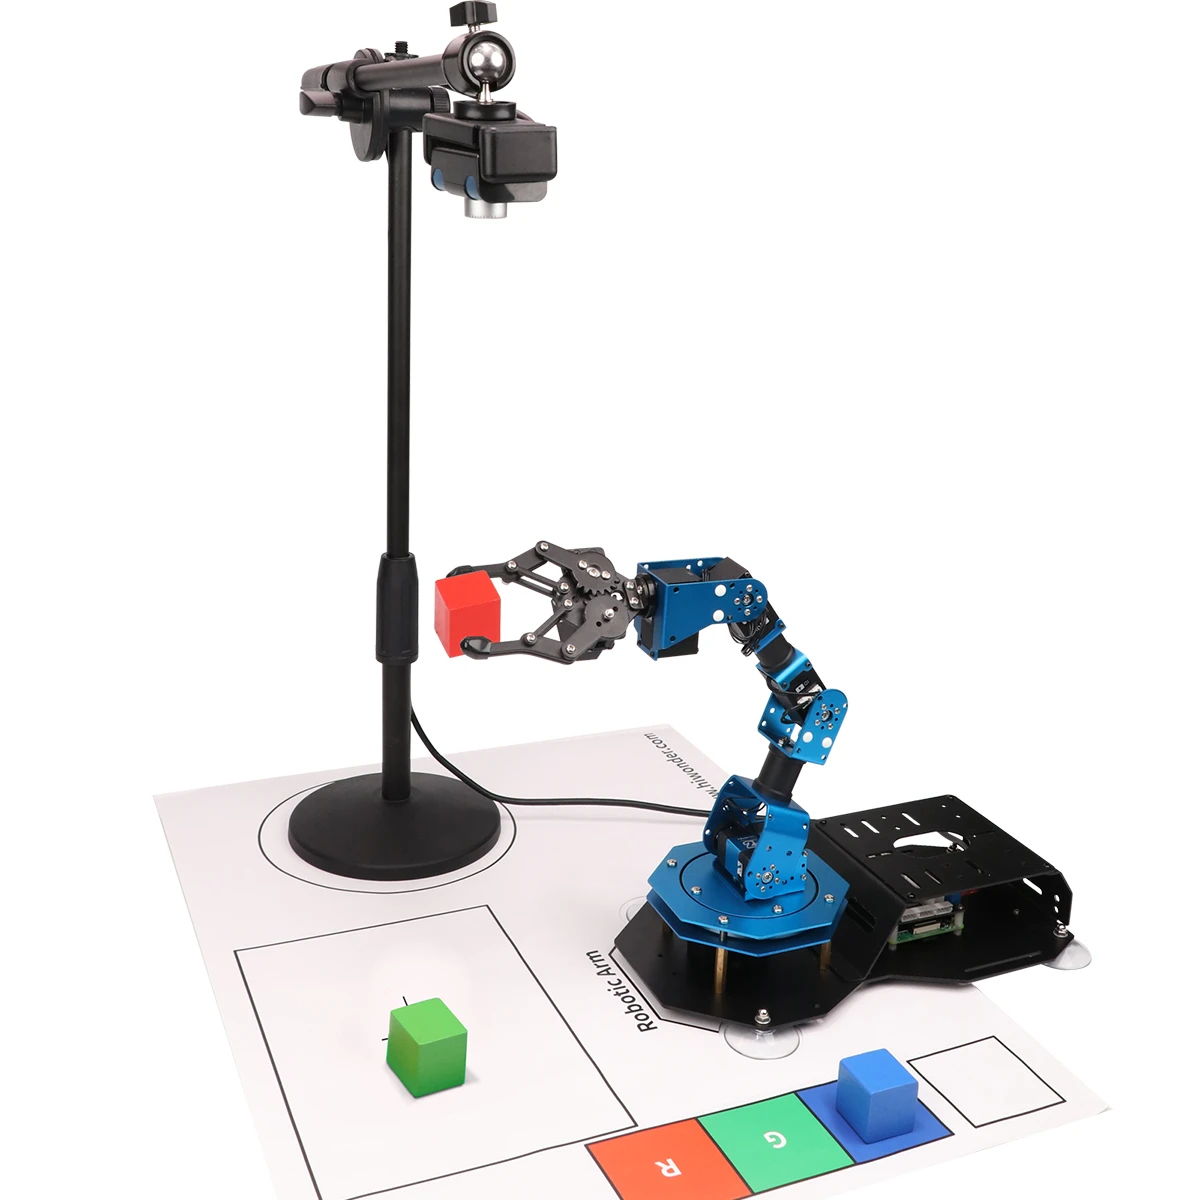 Роботизированный манипулятор с камерой технического зрения